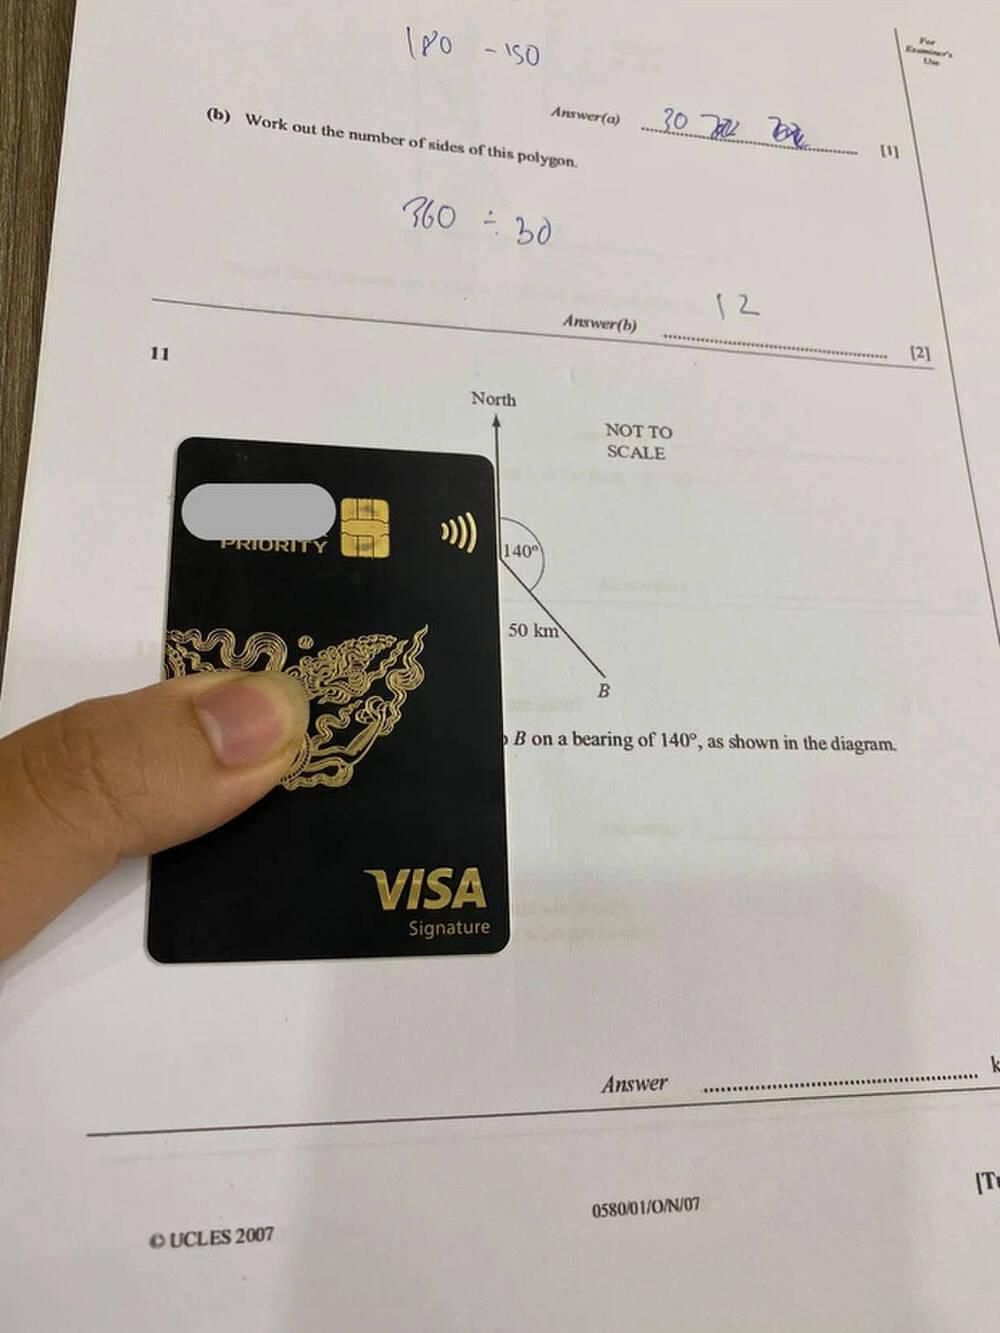 Thực hư chuyện rich kid 2k4 dùng thẻ 'hạn mức 2 tỷ đồng' thay thước khiến dân tình xôn xao Ảnh 1